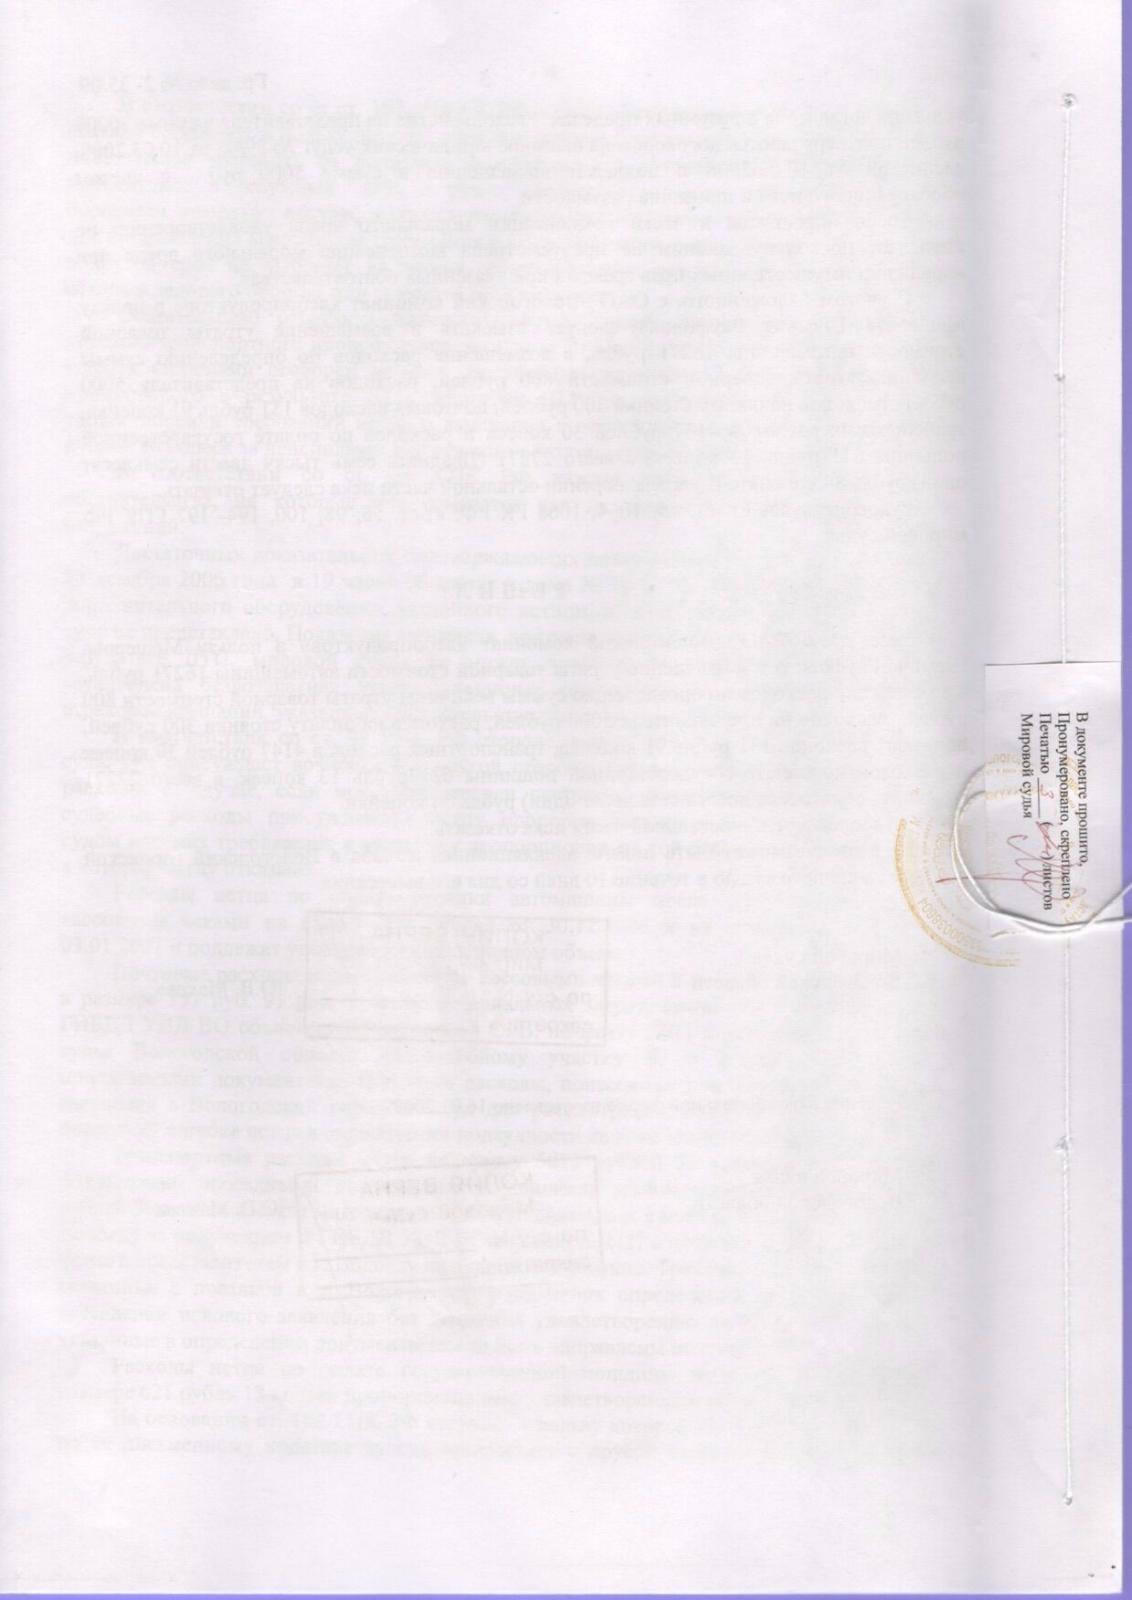 152-350914.01.2009.6.jpg